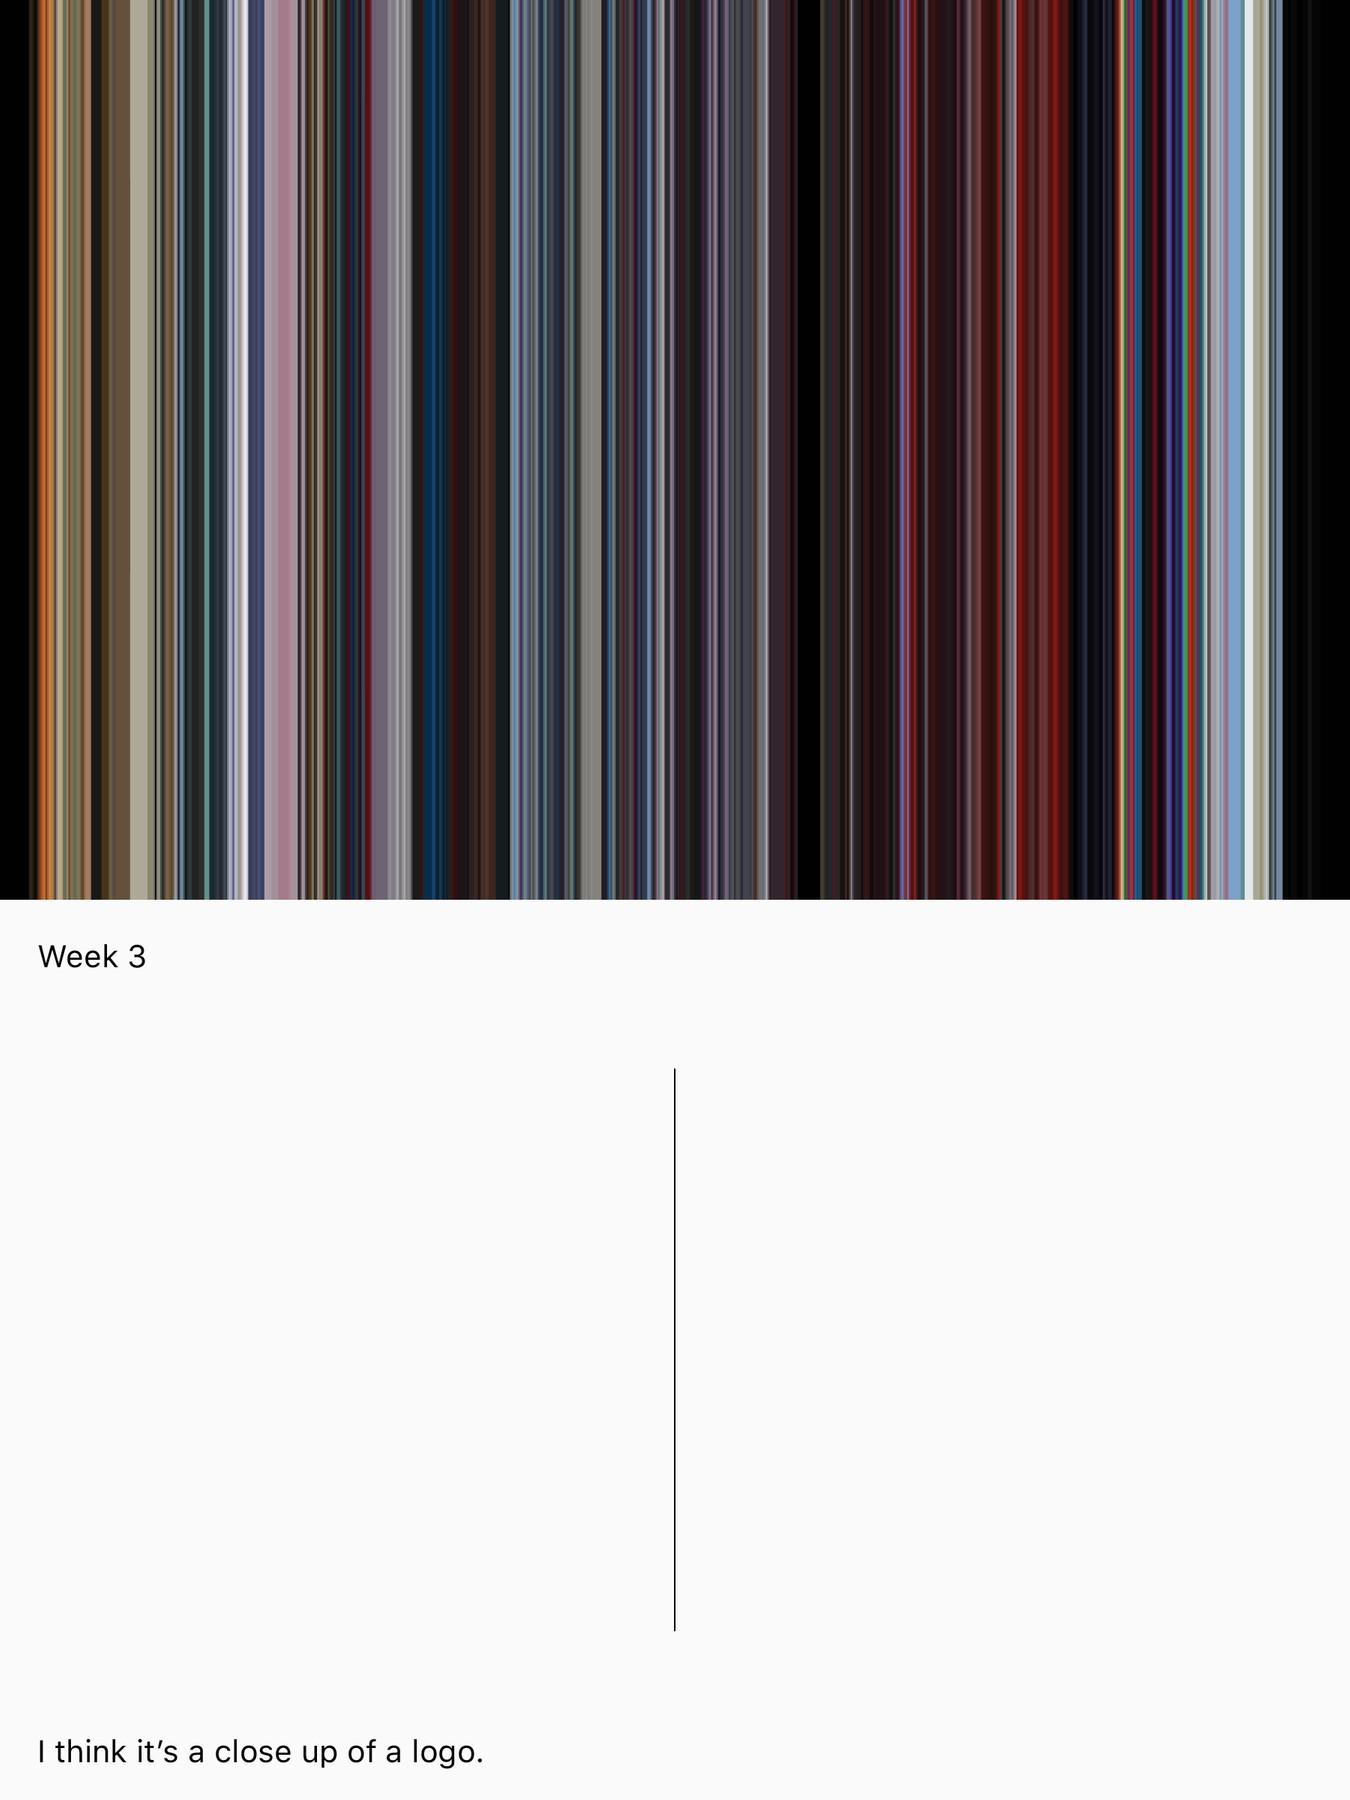 week-3.jpg